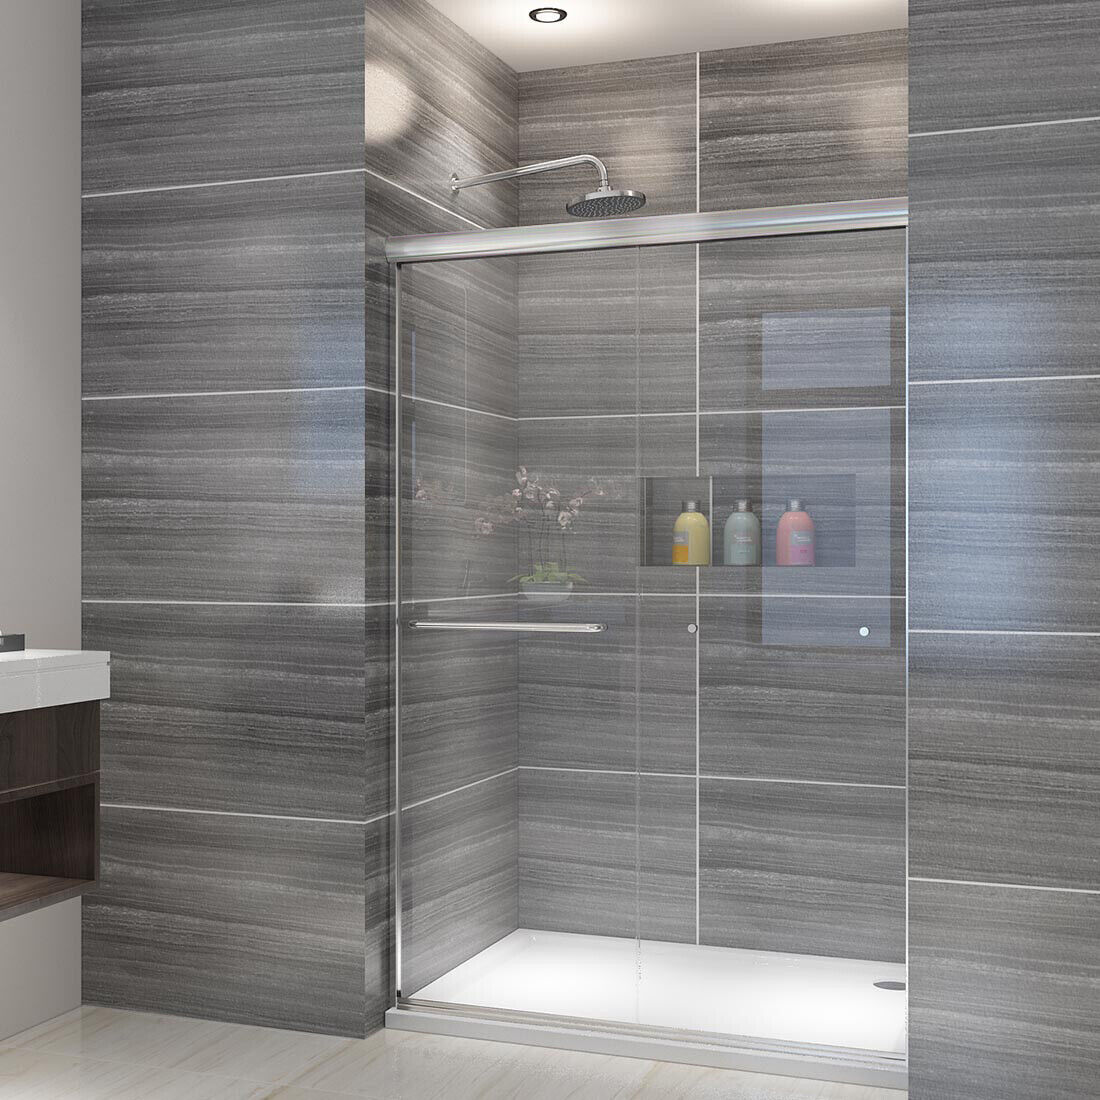 Elegant Semi Frameless Shower Door 48 X72 Bypass Sliding Glass Brushed Nickel